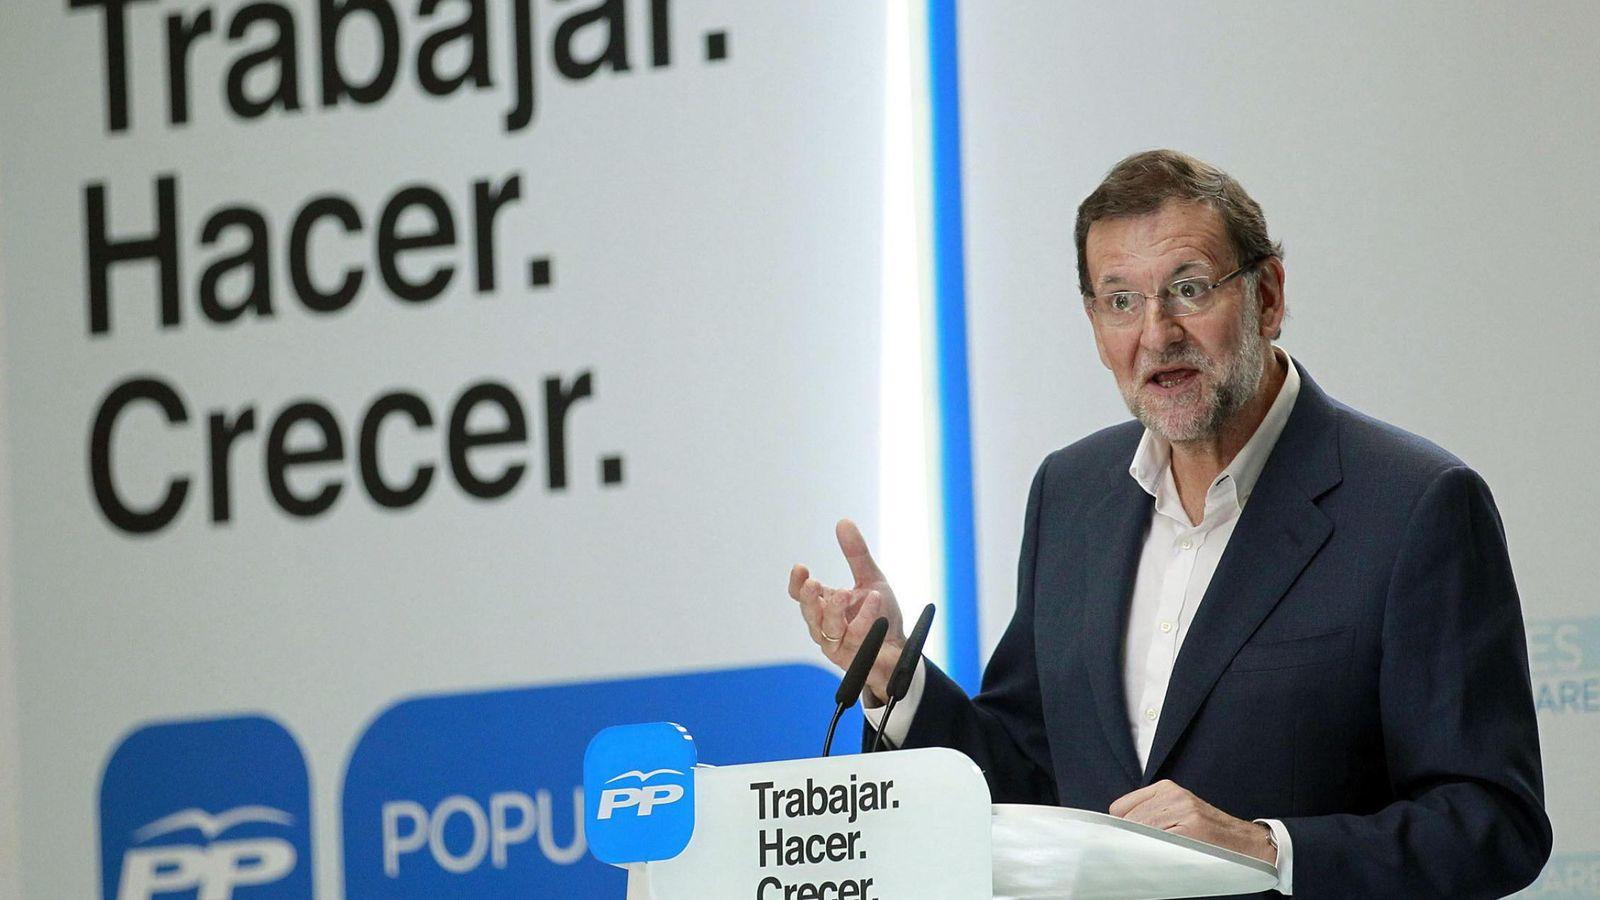 Foto: El presidente del Gobierno, Mariano Rajoy. (EFE/Cristóbal García)